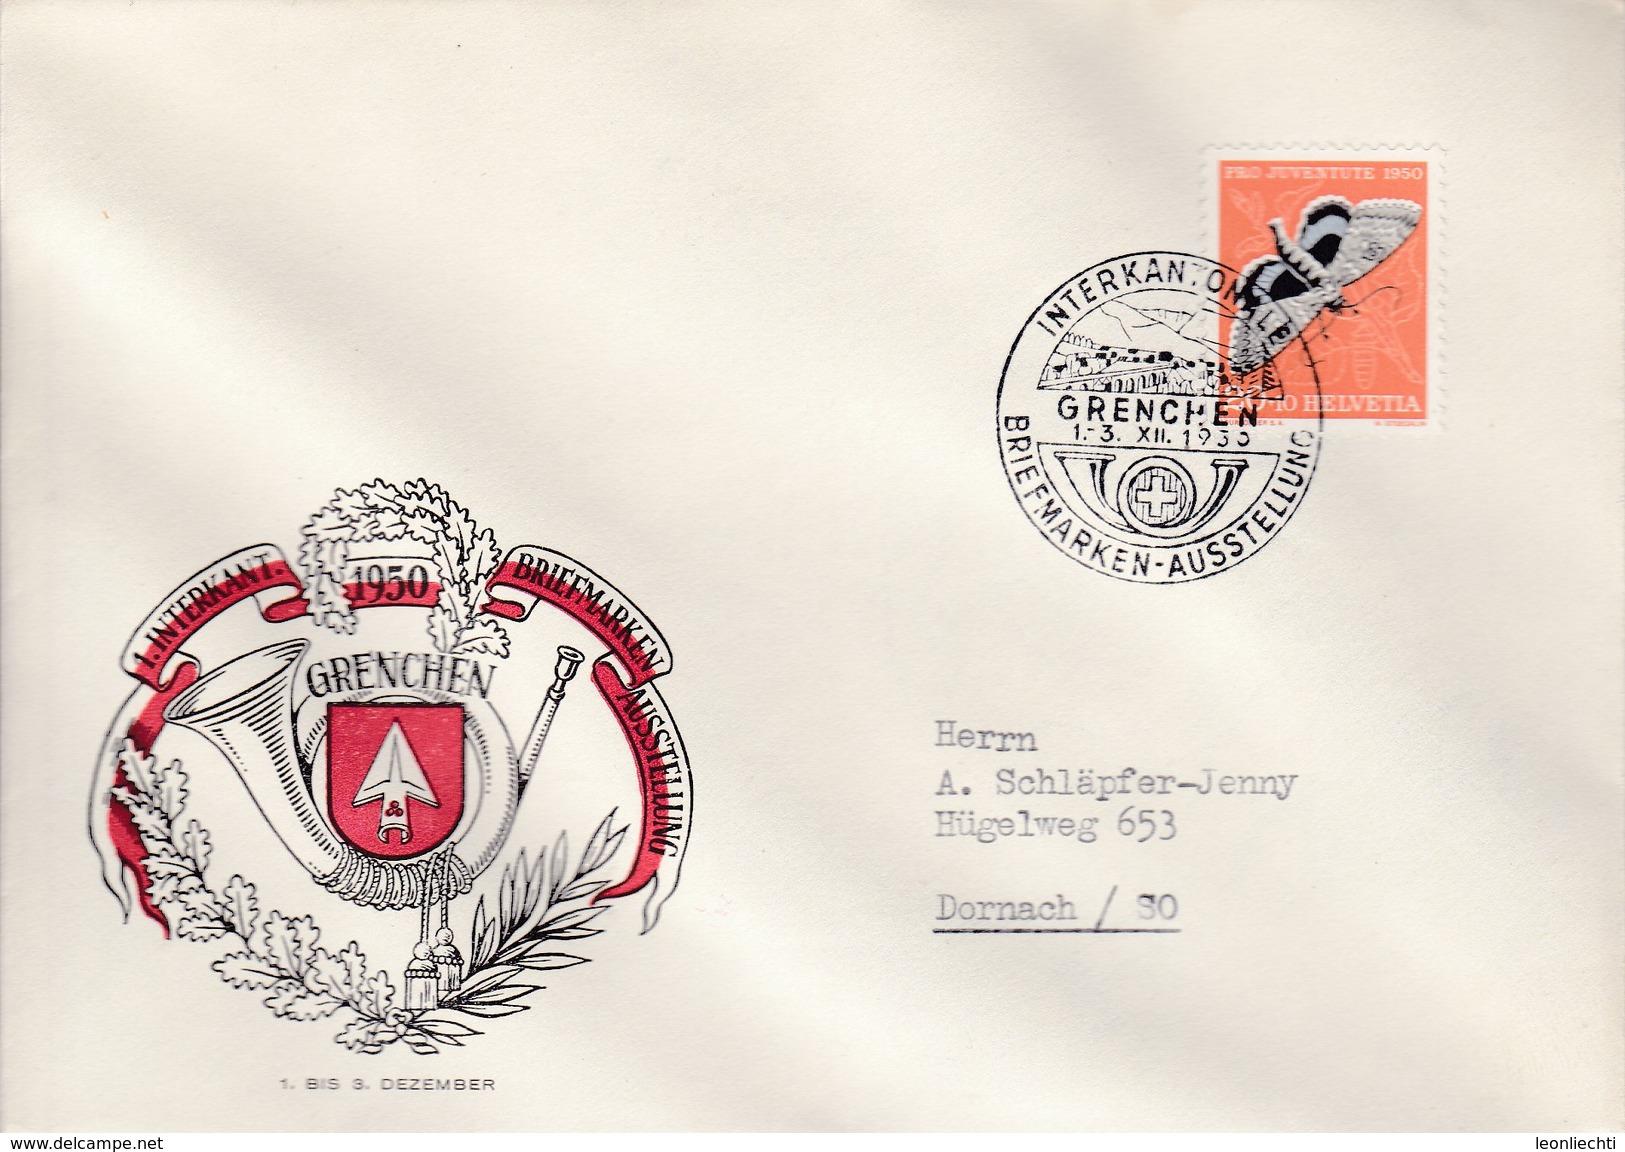 Interkantonale Briefmarken - Ausstellung Grenchen Vom 1-3 XII. 1950. SBK: J 135 Mi: 552 - Suisse